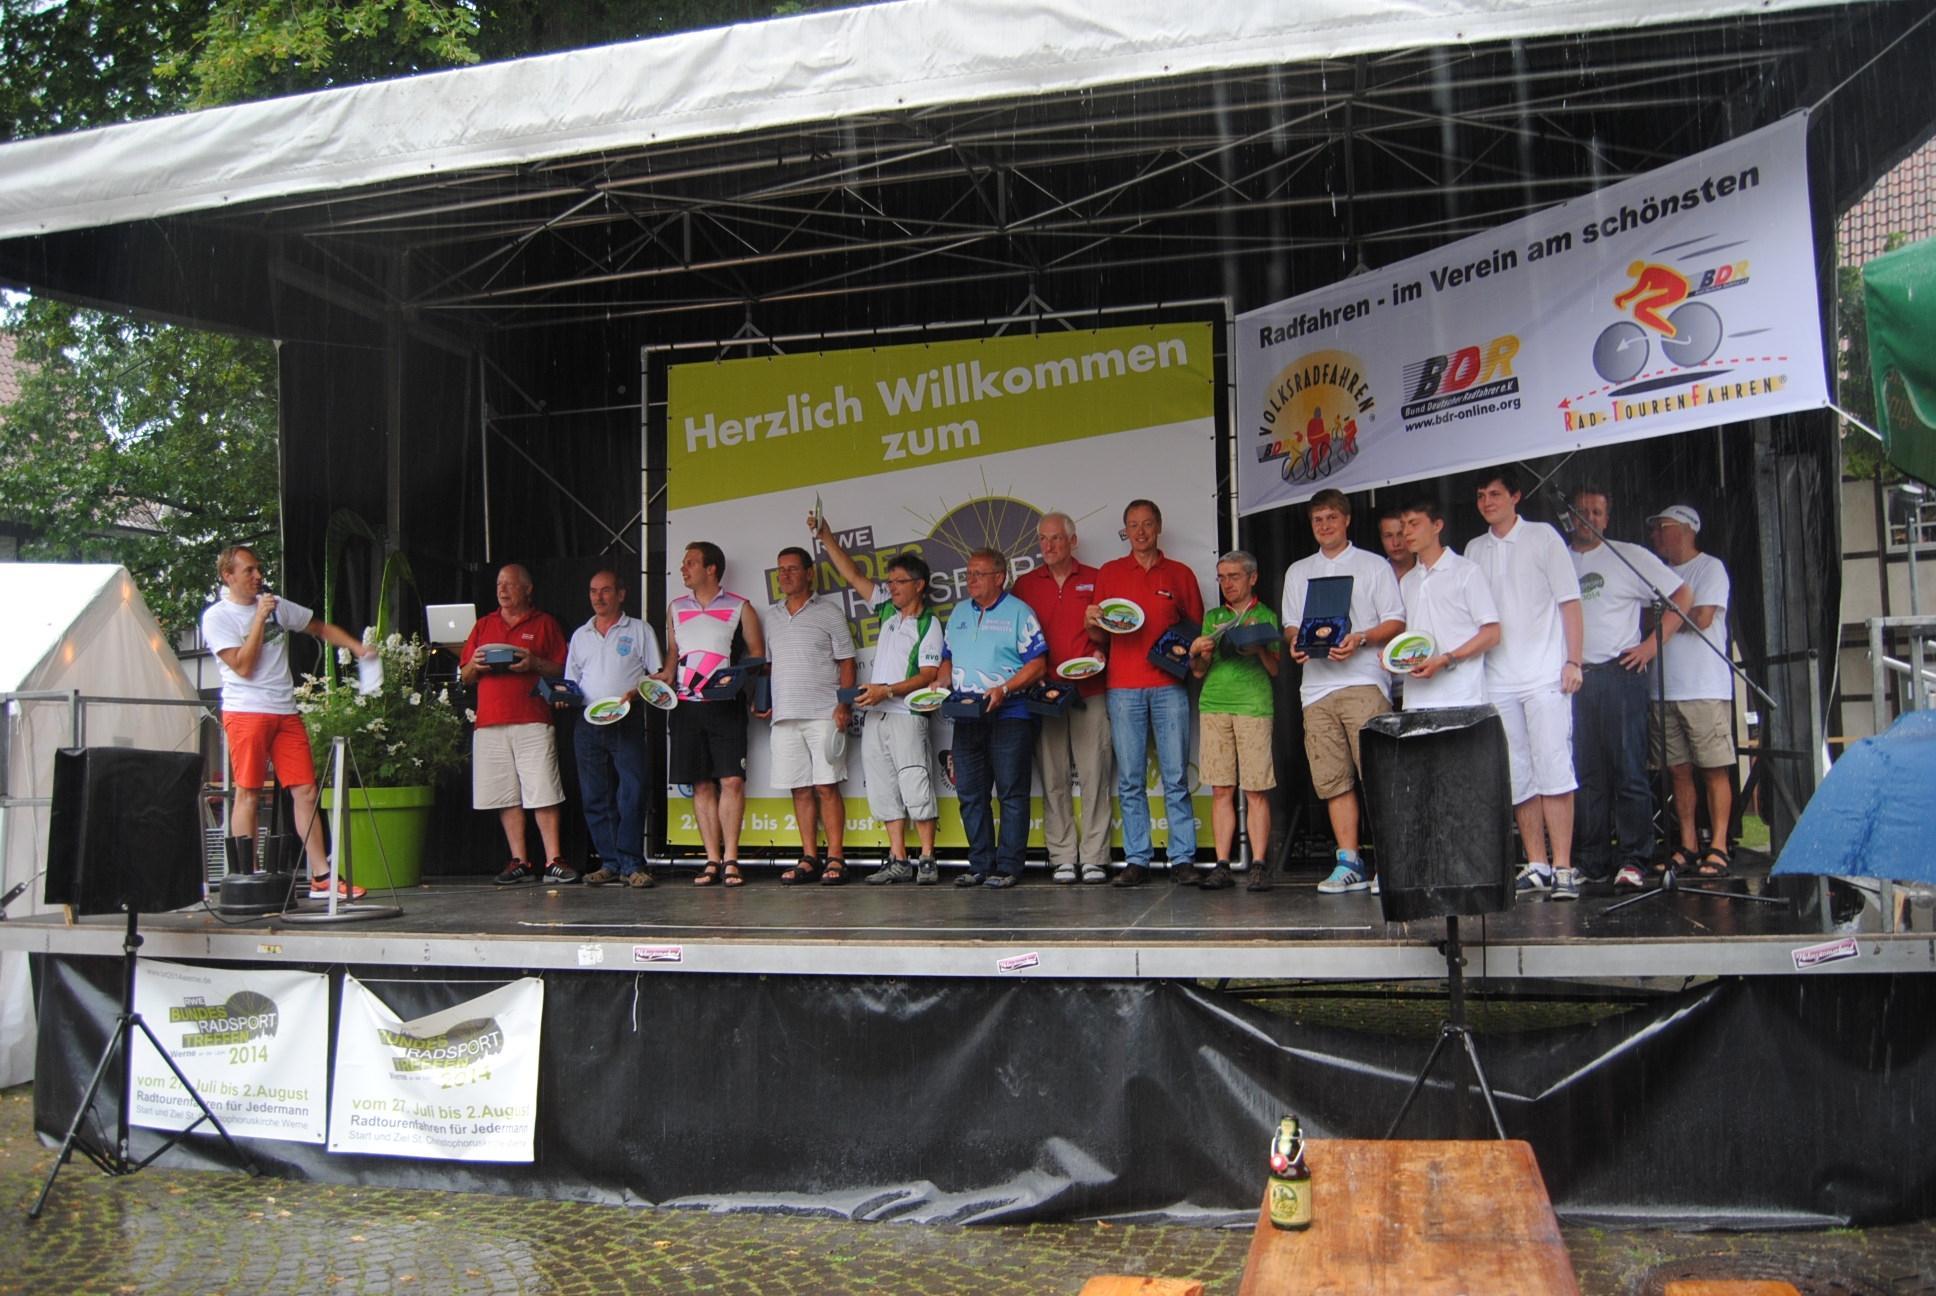 Vertreter der ersten 10 Mannschaften bei der Siegerehrung; für die Schwalbe Karl-Heinz Klein, Organisator der Fahrt nach Werne